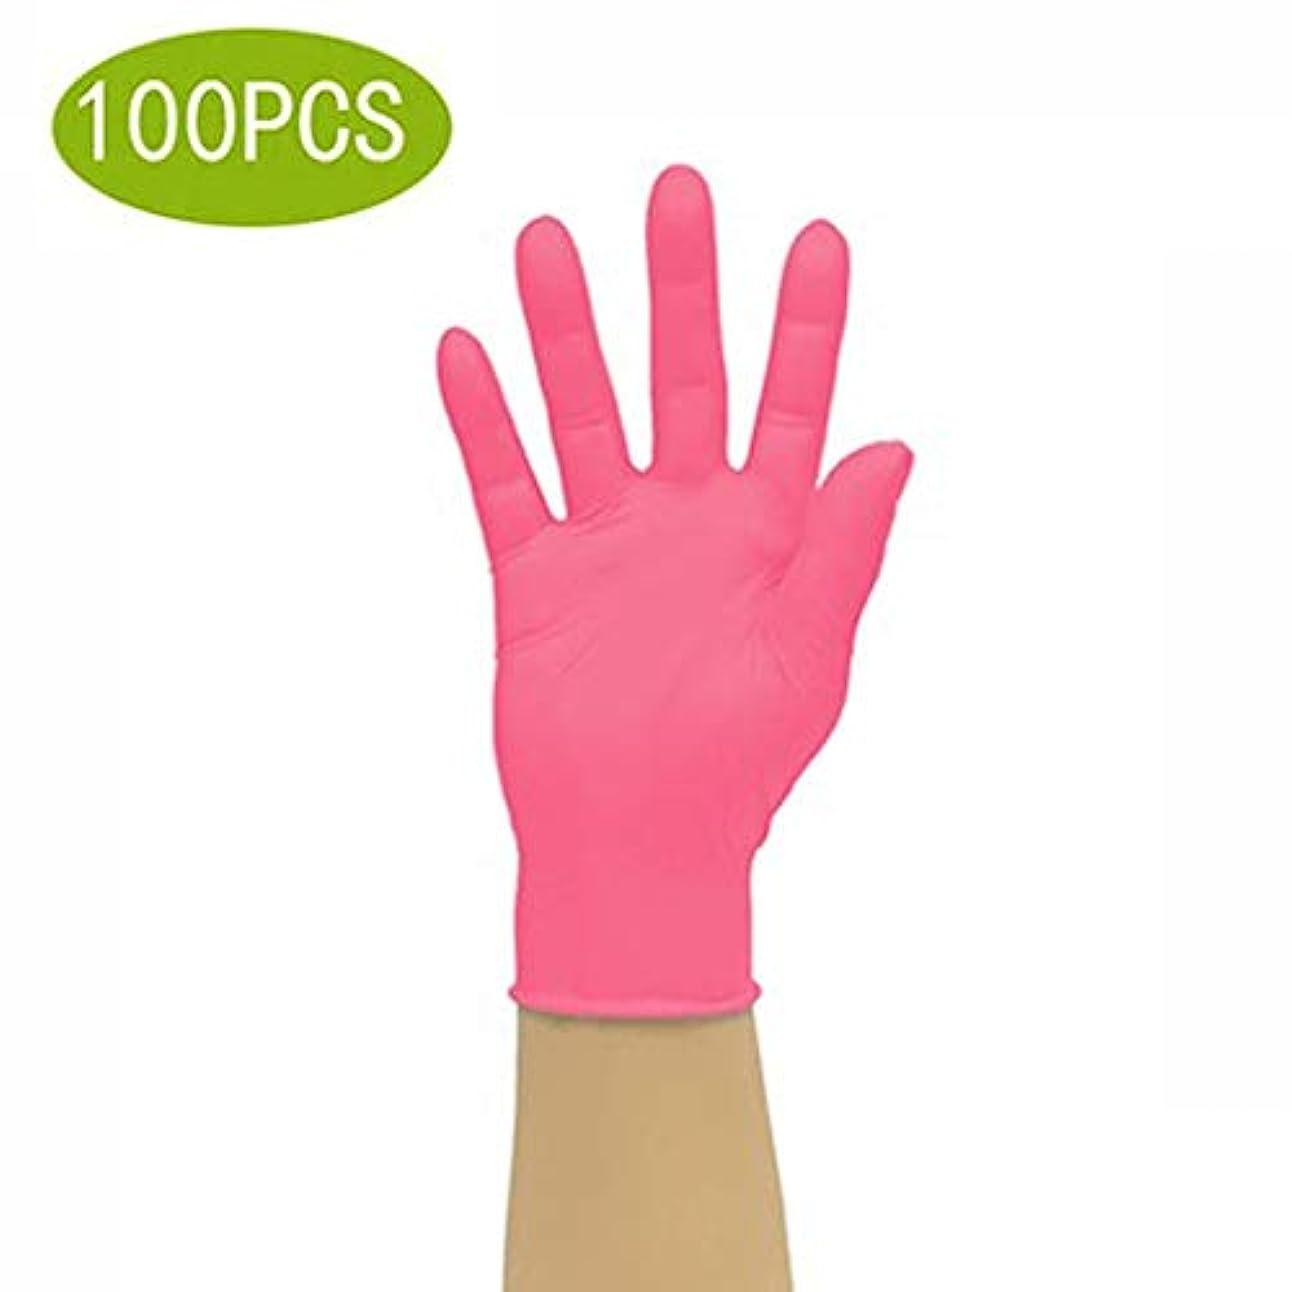 嫌な浸透する付属品使い捨てニトリル手袋 - パウダーフリー、ゴムラテックスフリー、メディカル試験グレード、無菌、両性 - (1パック、100カウント) (Size : M)